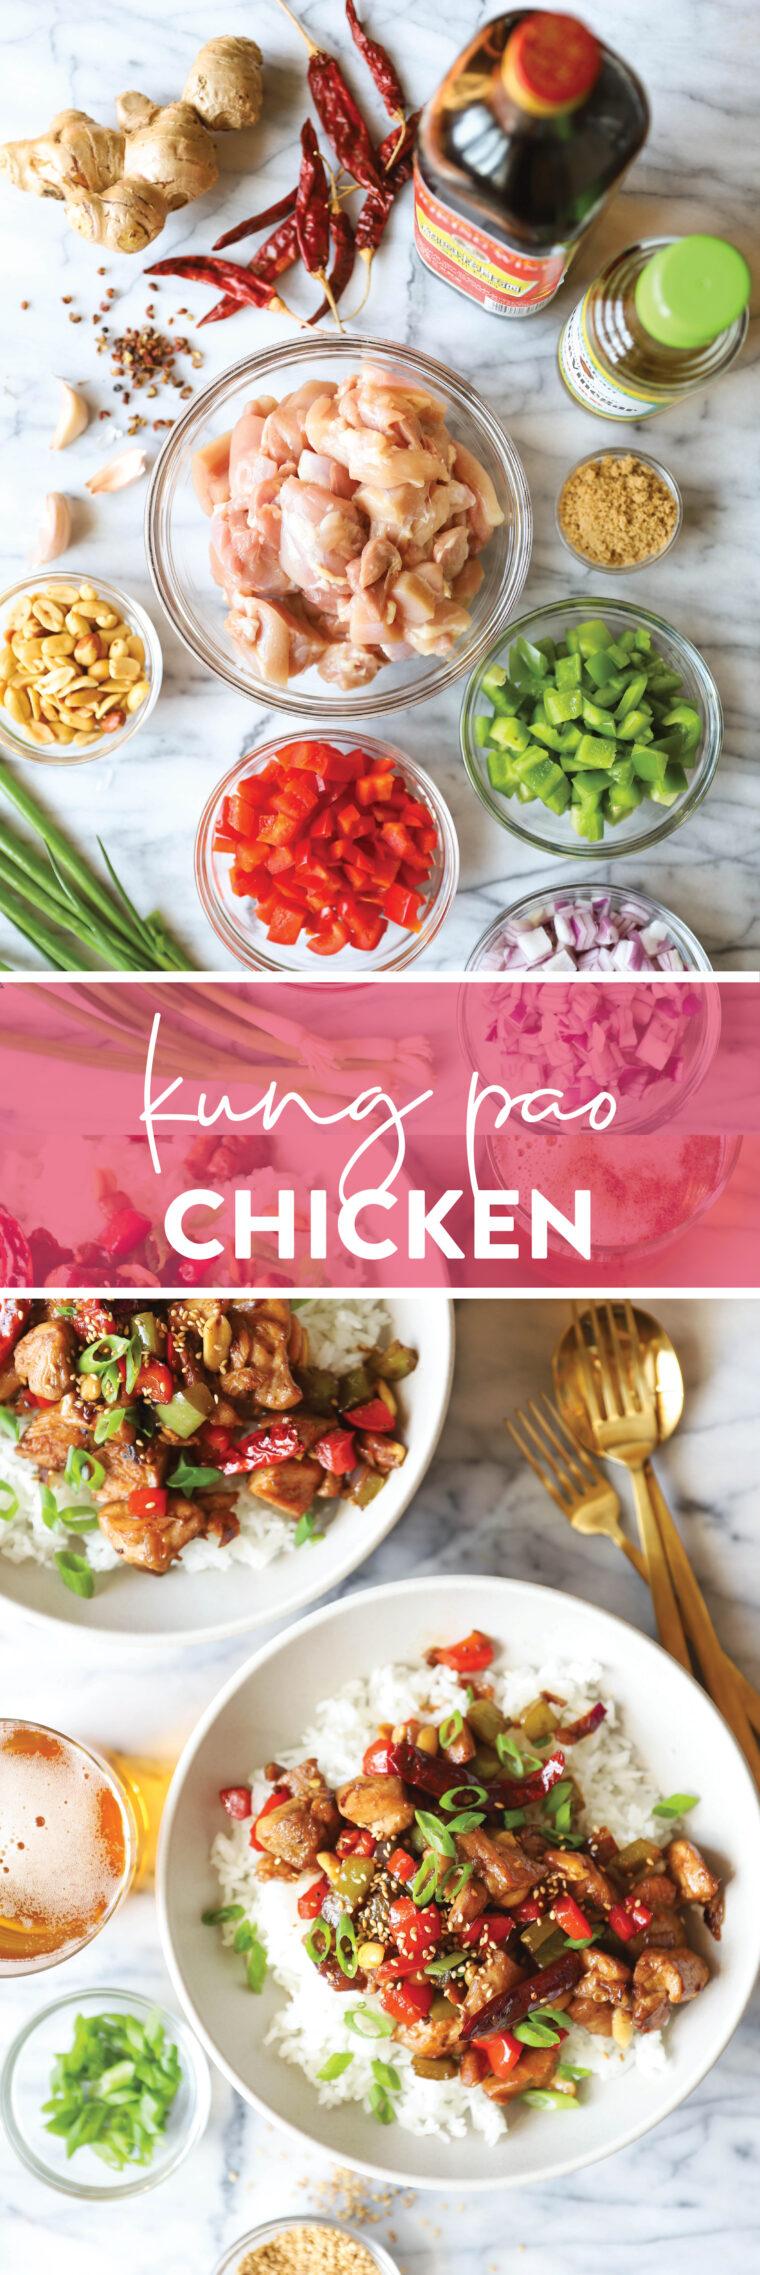 دجاج كونغ باو - دجاج مقلي مفضل للجميع يتم تحضيره بسهولة في المنزل!  مالح قليلاً ، حلو ، حامض + حار.  السرد الفائز!